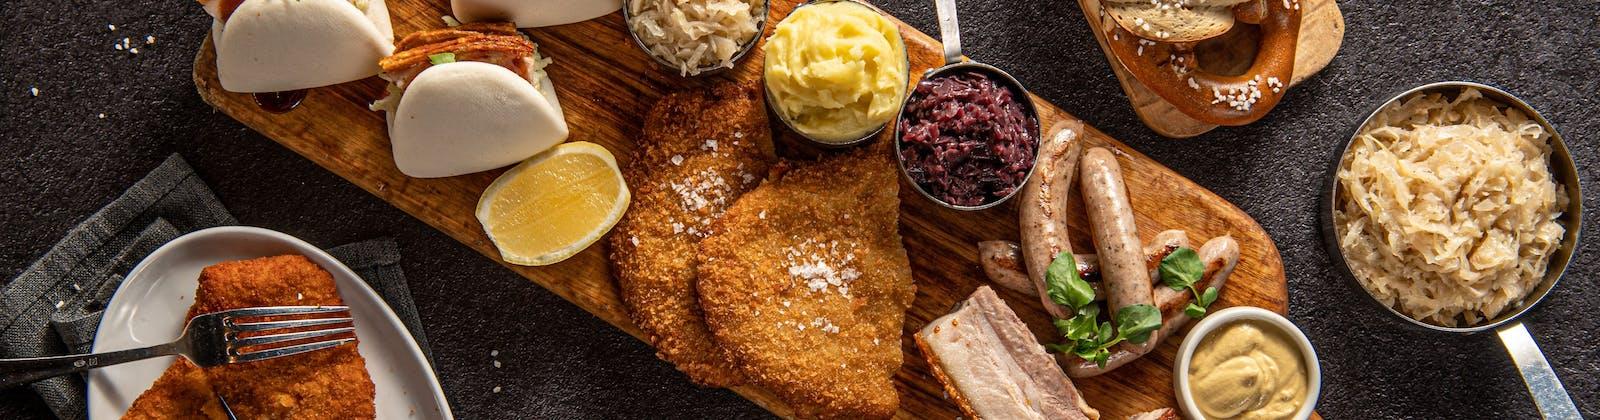 the bavarian's ultimate pork platter